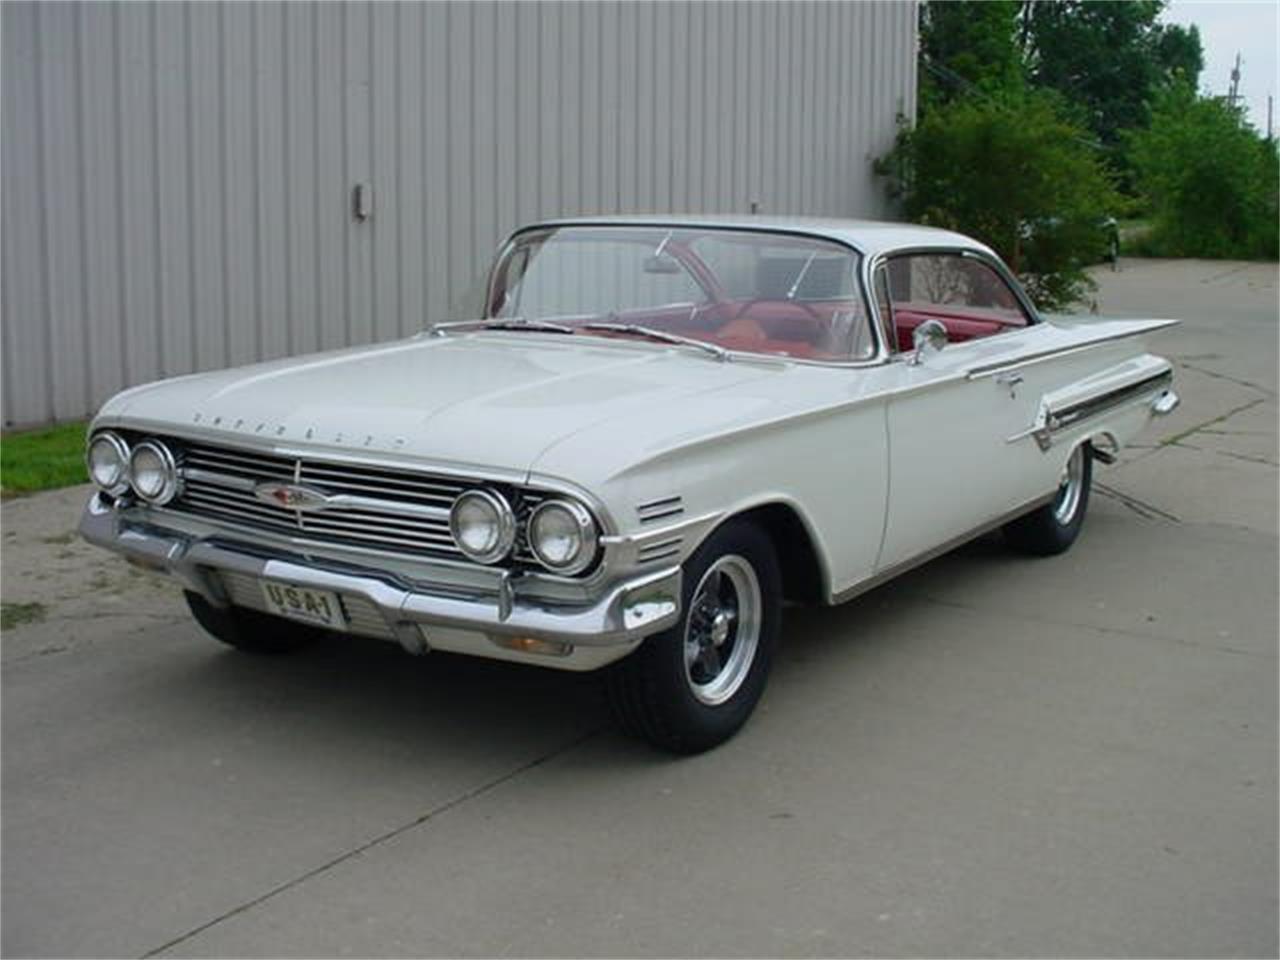 1960 Chevrolet Impala For Sale Classiccars Com Cc 1162092